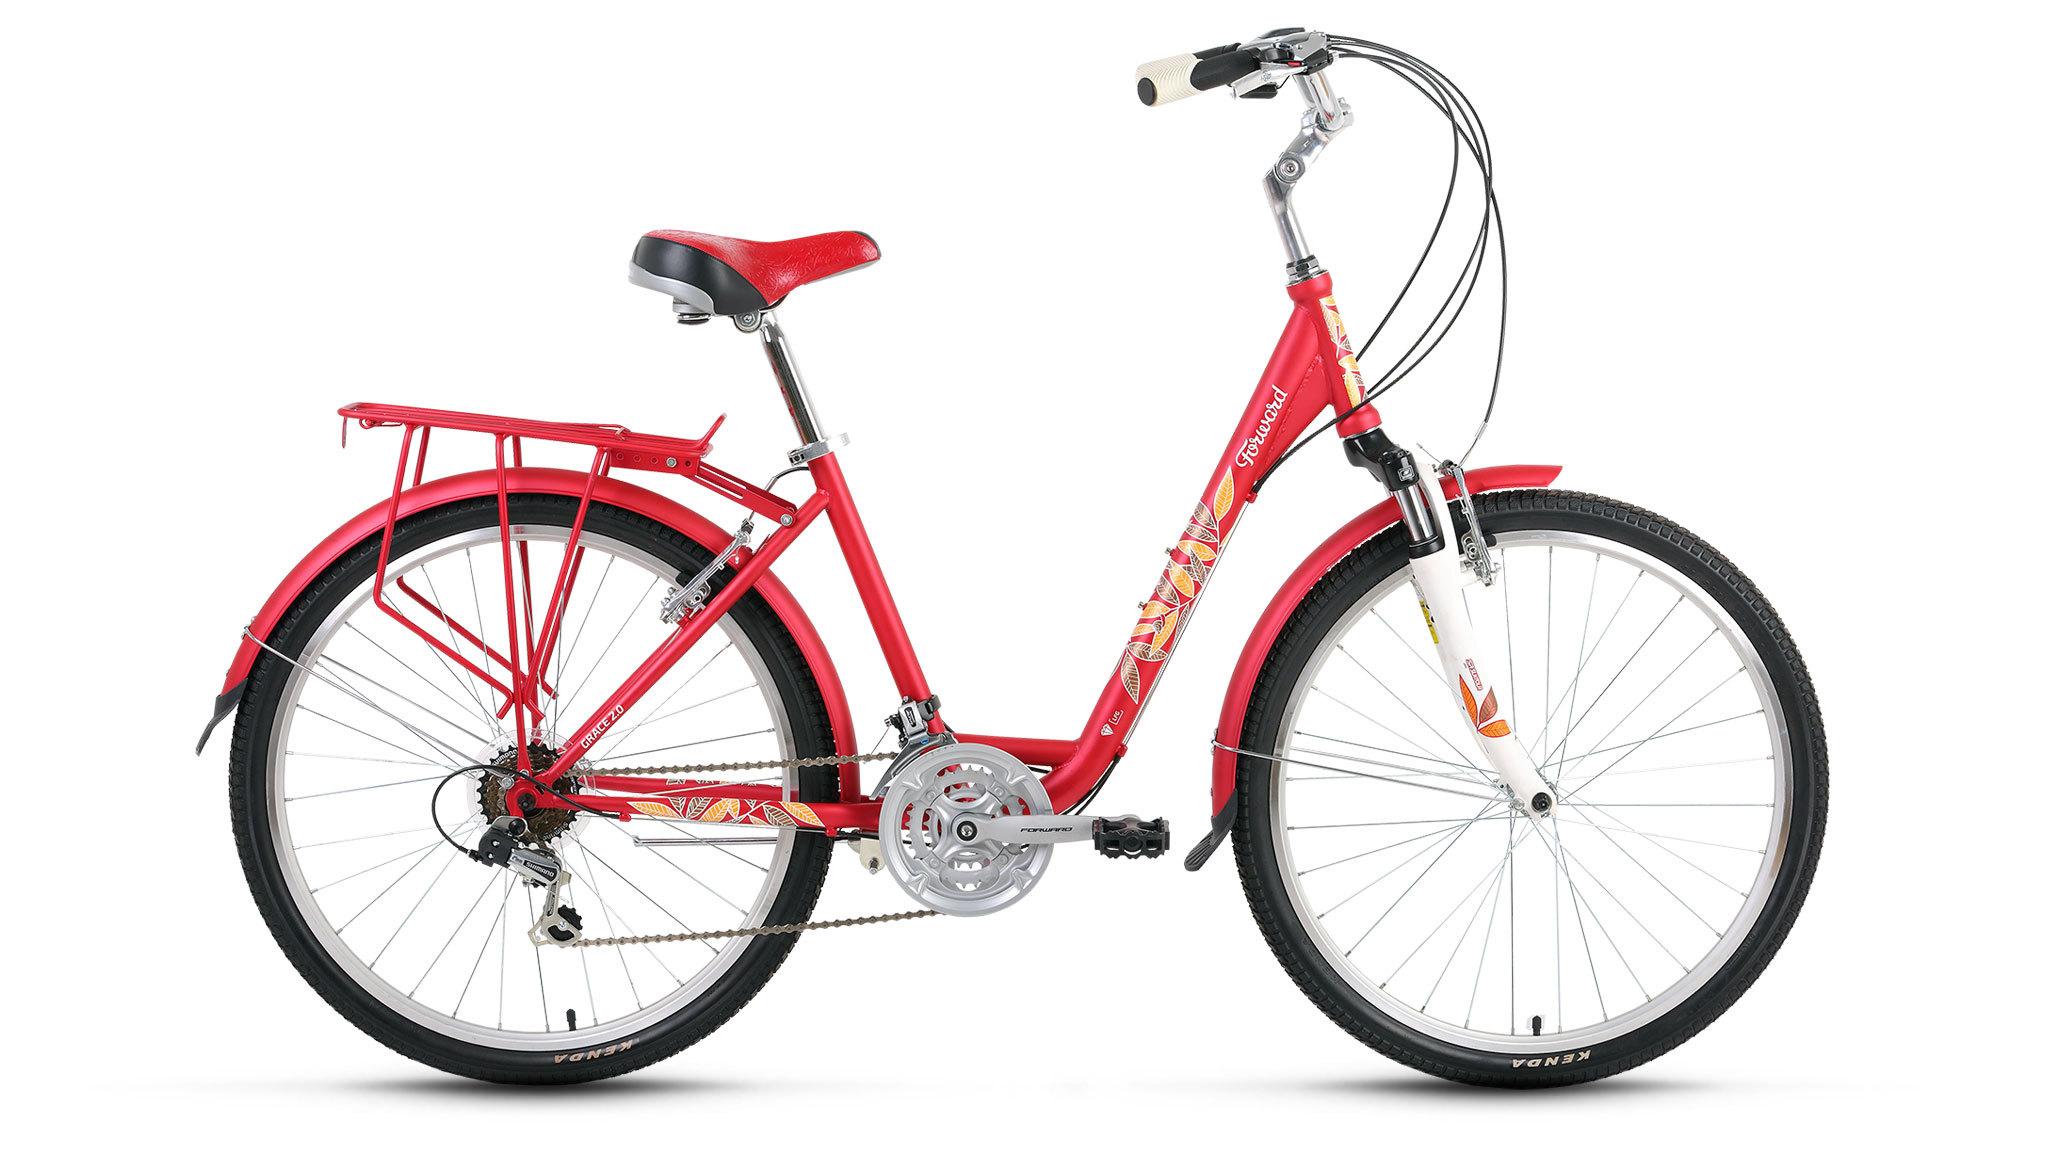 Forward Grace 2.0 (2016)Городские<br>Forward Grace 2.0 – женский городской велосипед дл комфортной езды по городу. Непревзойденное сочетание стил, комфорта и надежности. Стильный - Grace 2.0 – пожалуй, один из самых стильных женских ситибайков в линейке Forward. Остаетс только восхищатьс.КомфортныйБольшие возможности настройки велосипеда Forward Grace 2.0 под индивидуальные особенности, специальна геометри рам дл женщин и амортизационна вилка обеспечиват комфортное передвижение по городским улицам.ТехнологичныйТрансмисси Shimano обеспечивает плавное и четкое переклчение скоростей, а 21 скорость дает широкие возможности в выборе необходимой передачи в лбой ситуации.<br>